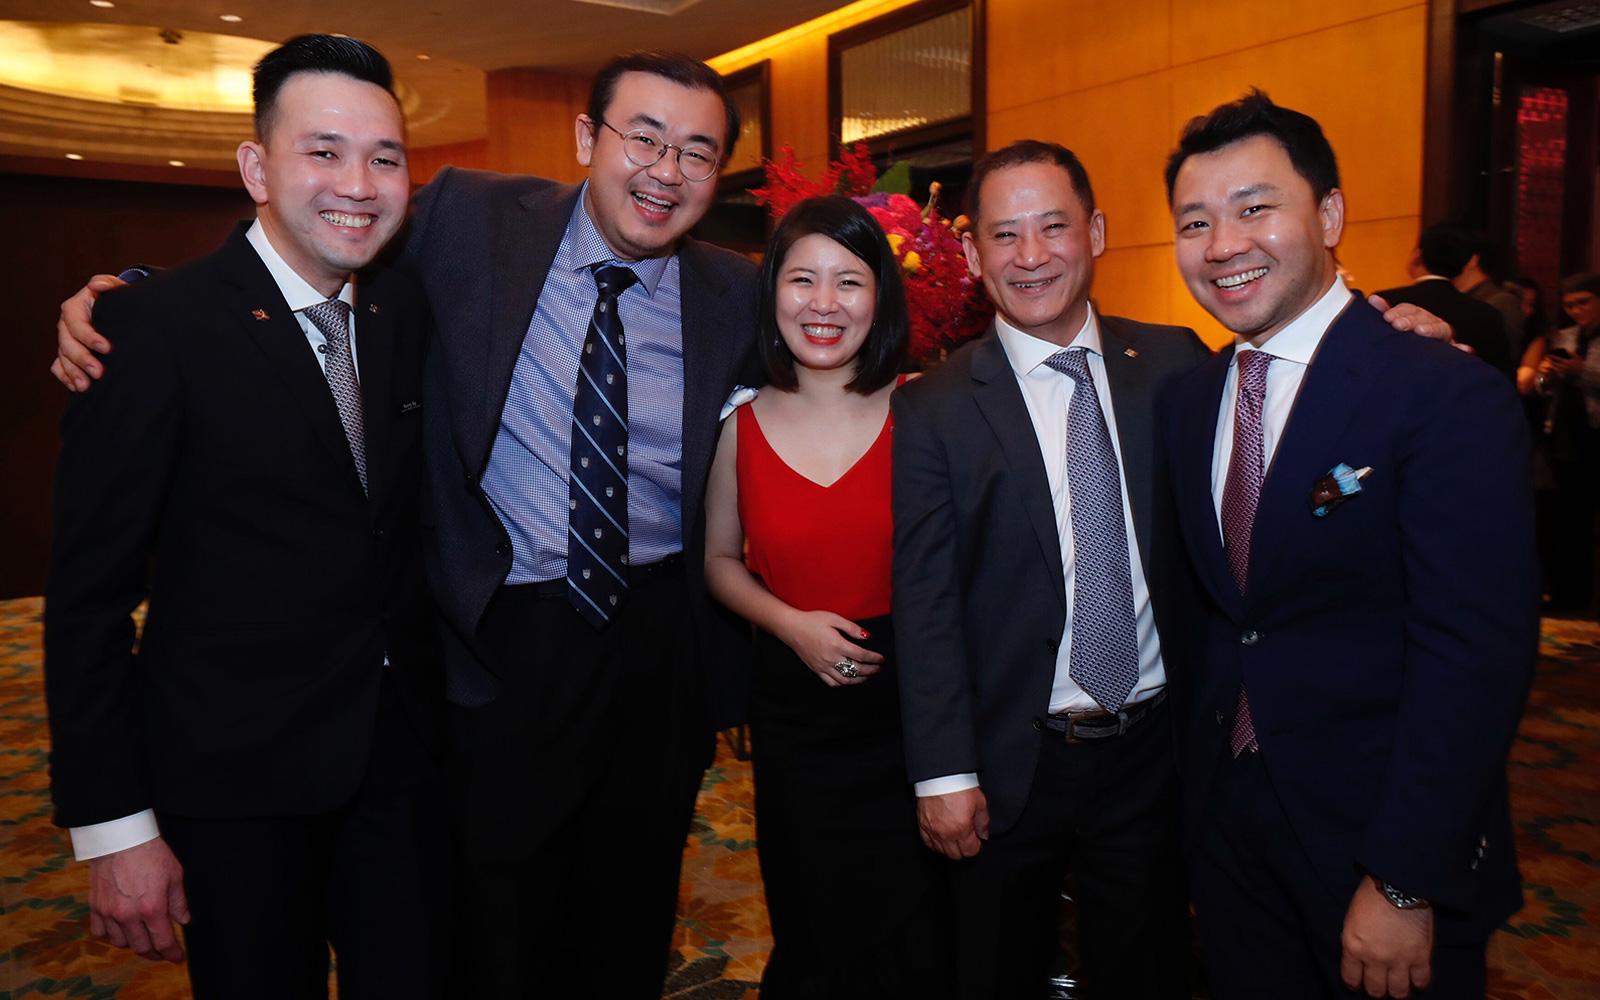 Kenny Ng, Dato Seri AK Tan, Ziling Lim, David Chan and Philix Ng